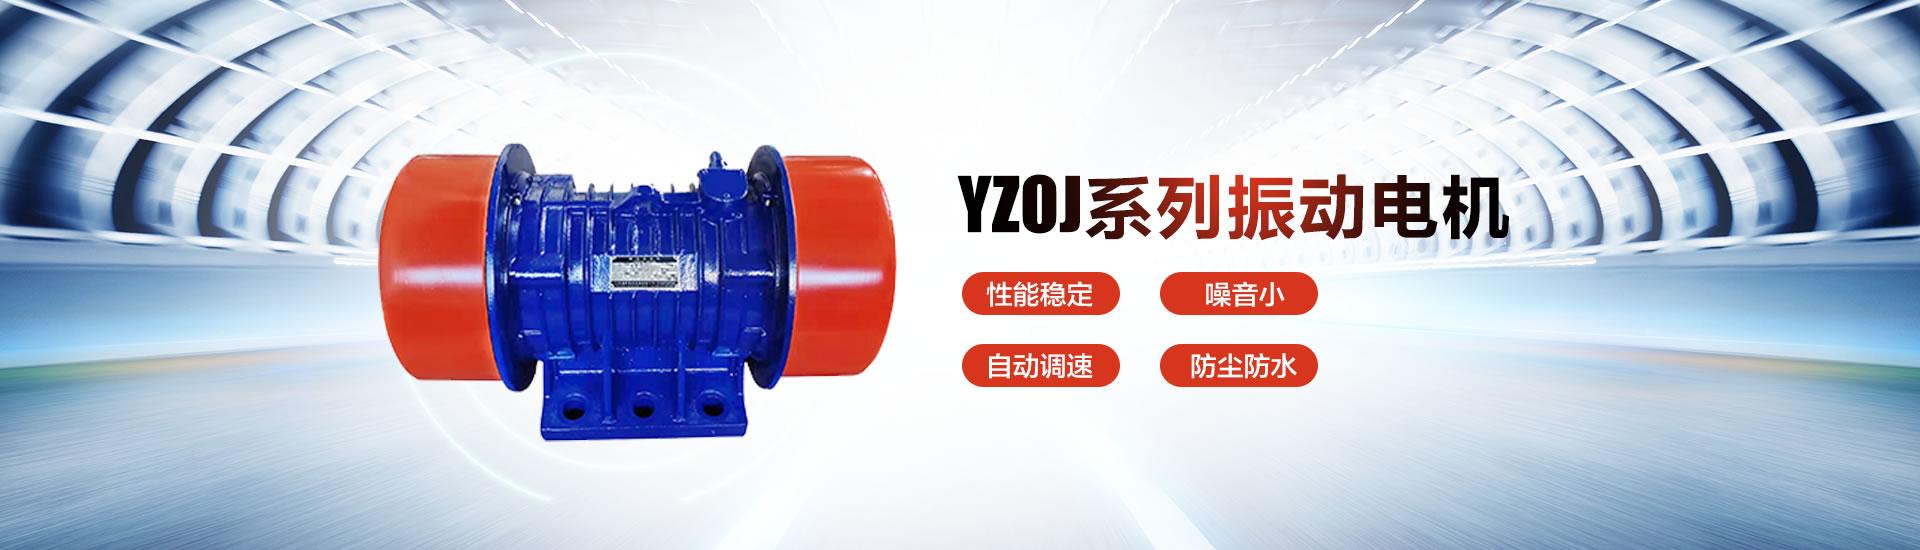 上海强振YZOJ系列振动电机